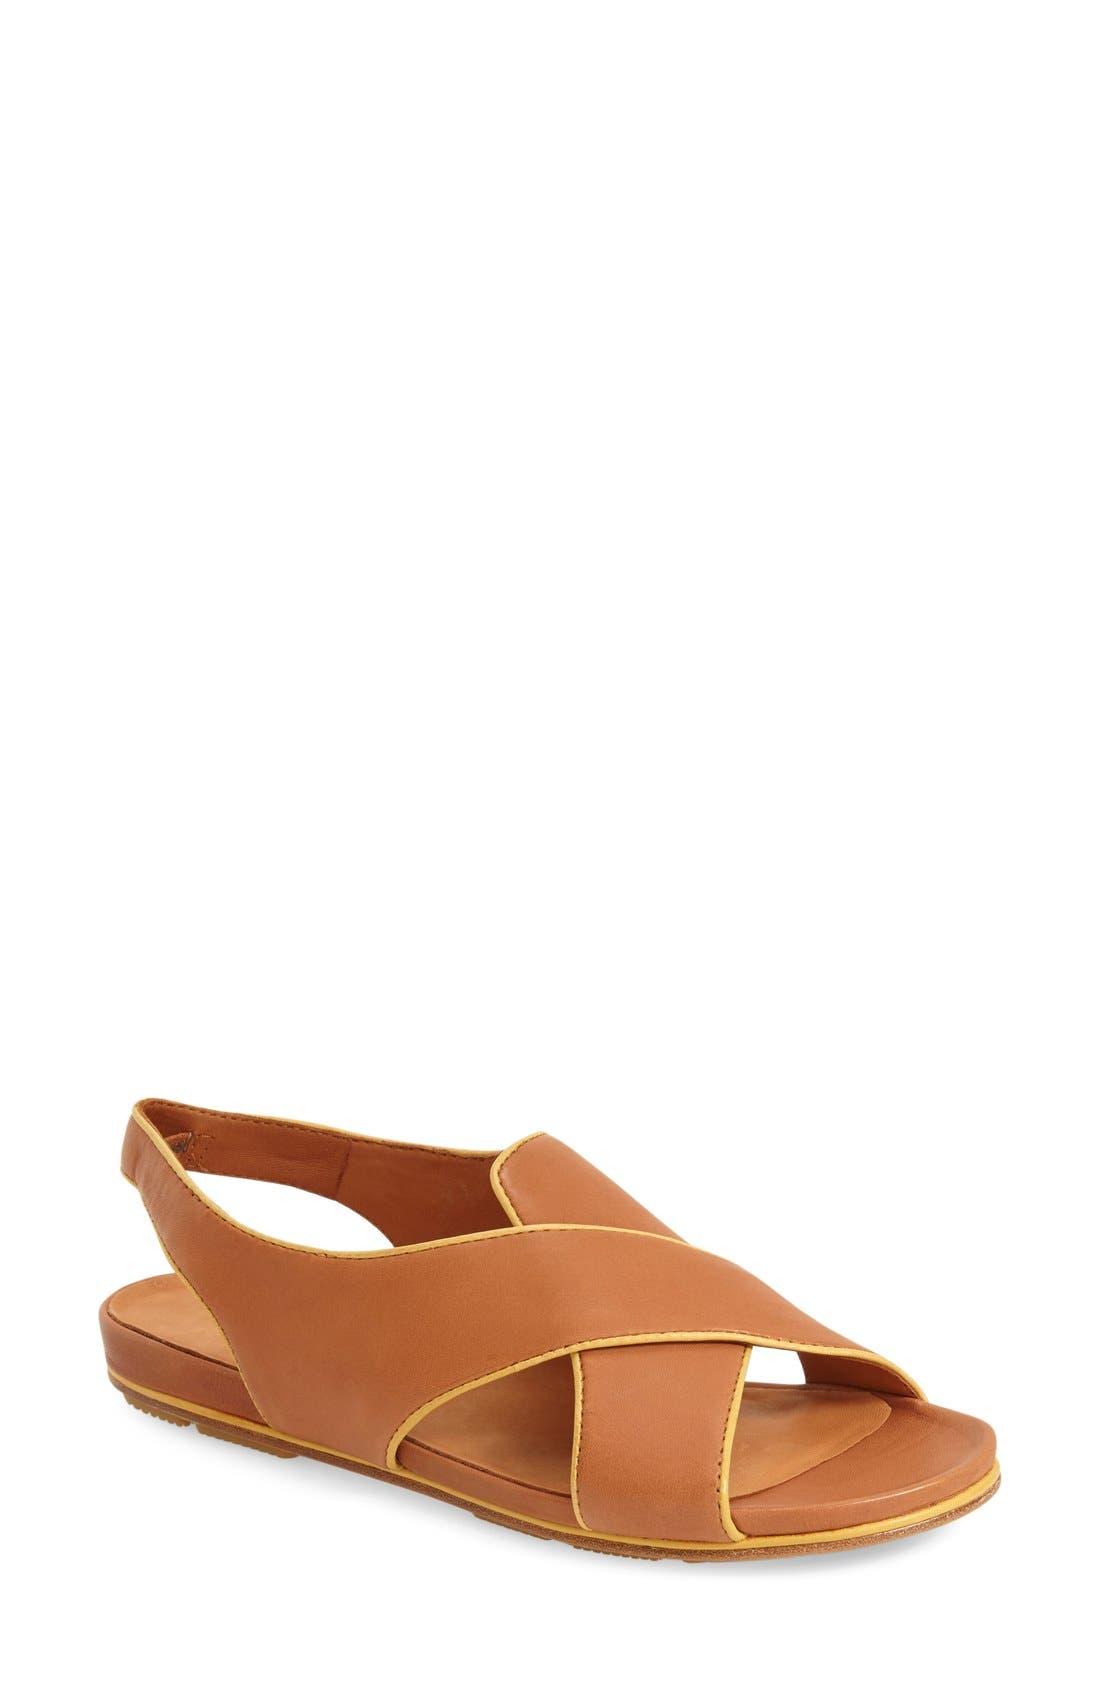 'Dallon' Crisscross Flat Sandal,                         Main,                         color, Cognac Leather